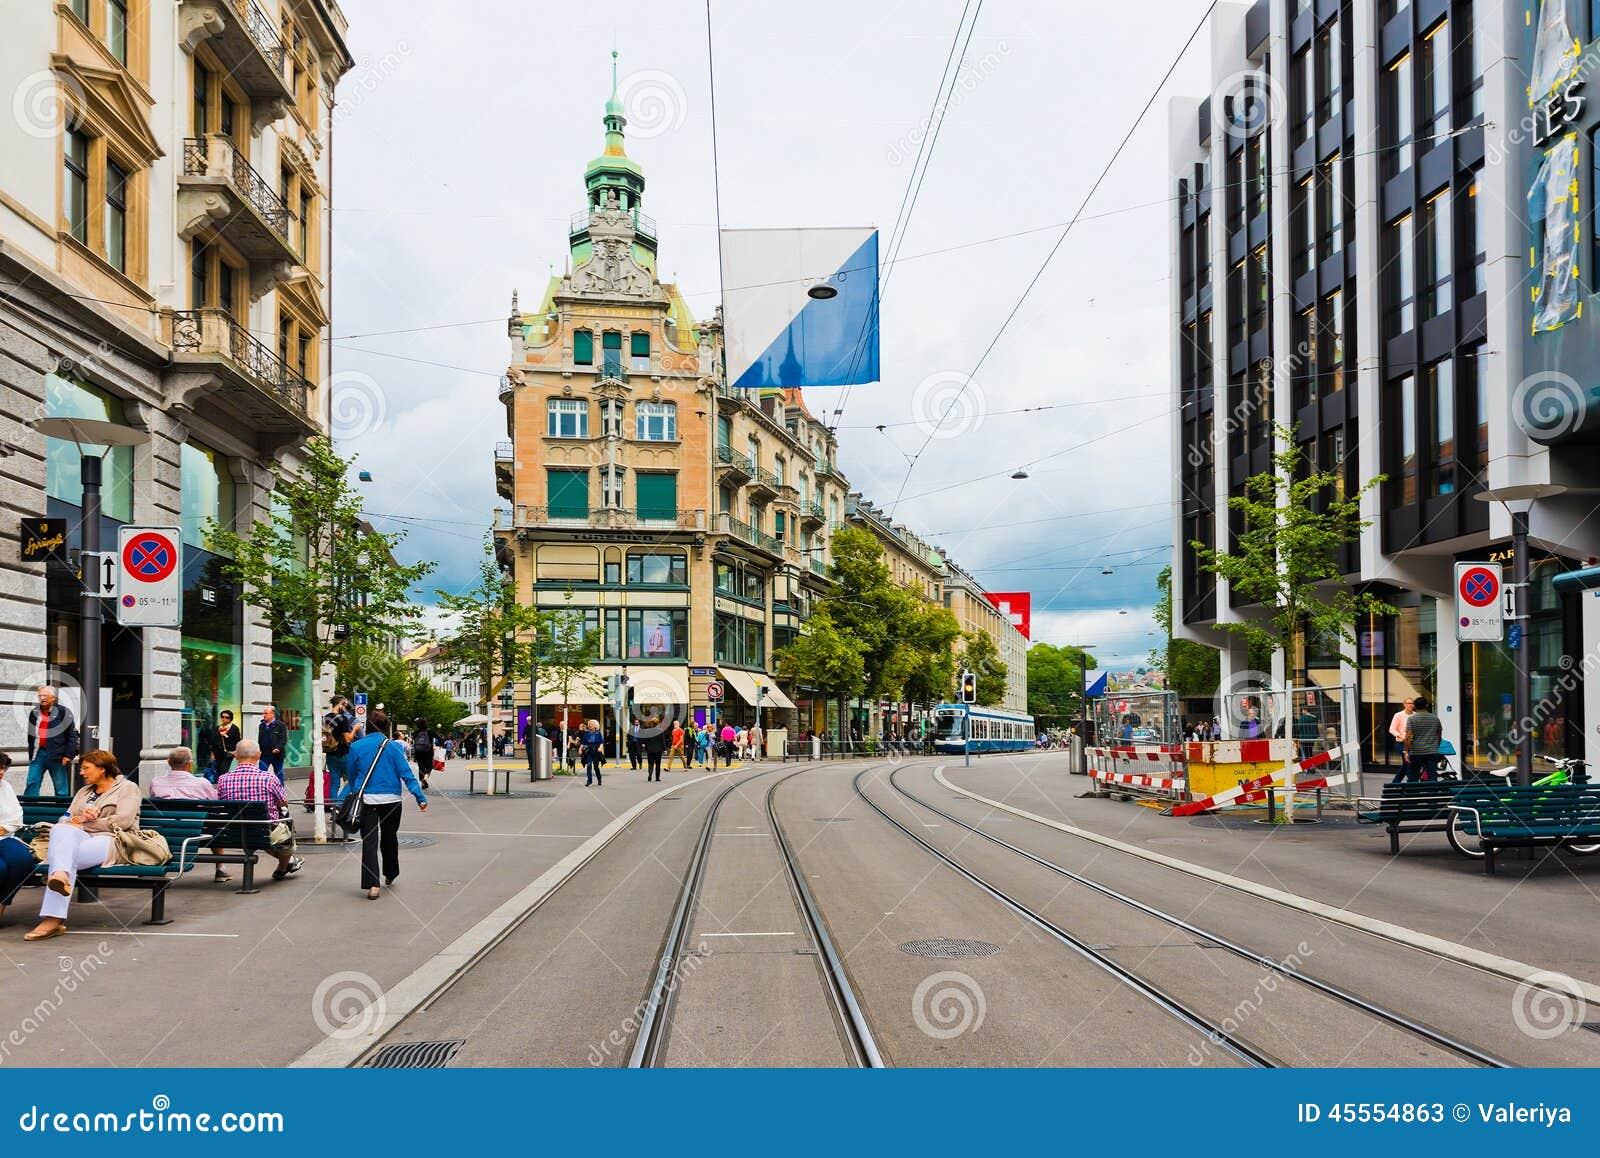 Street map Zurich Switzerland